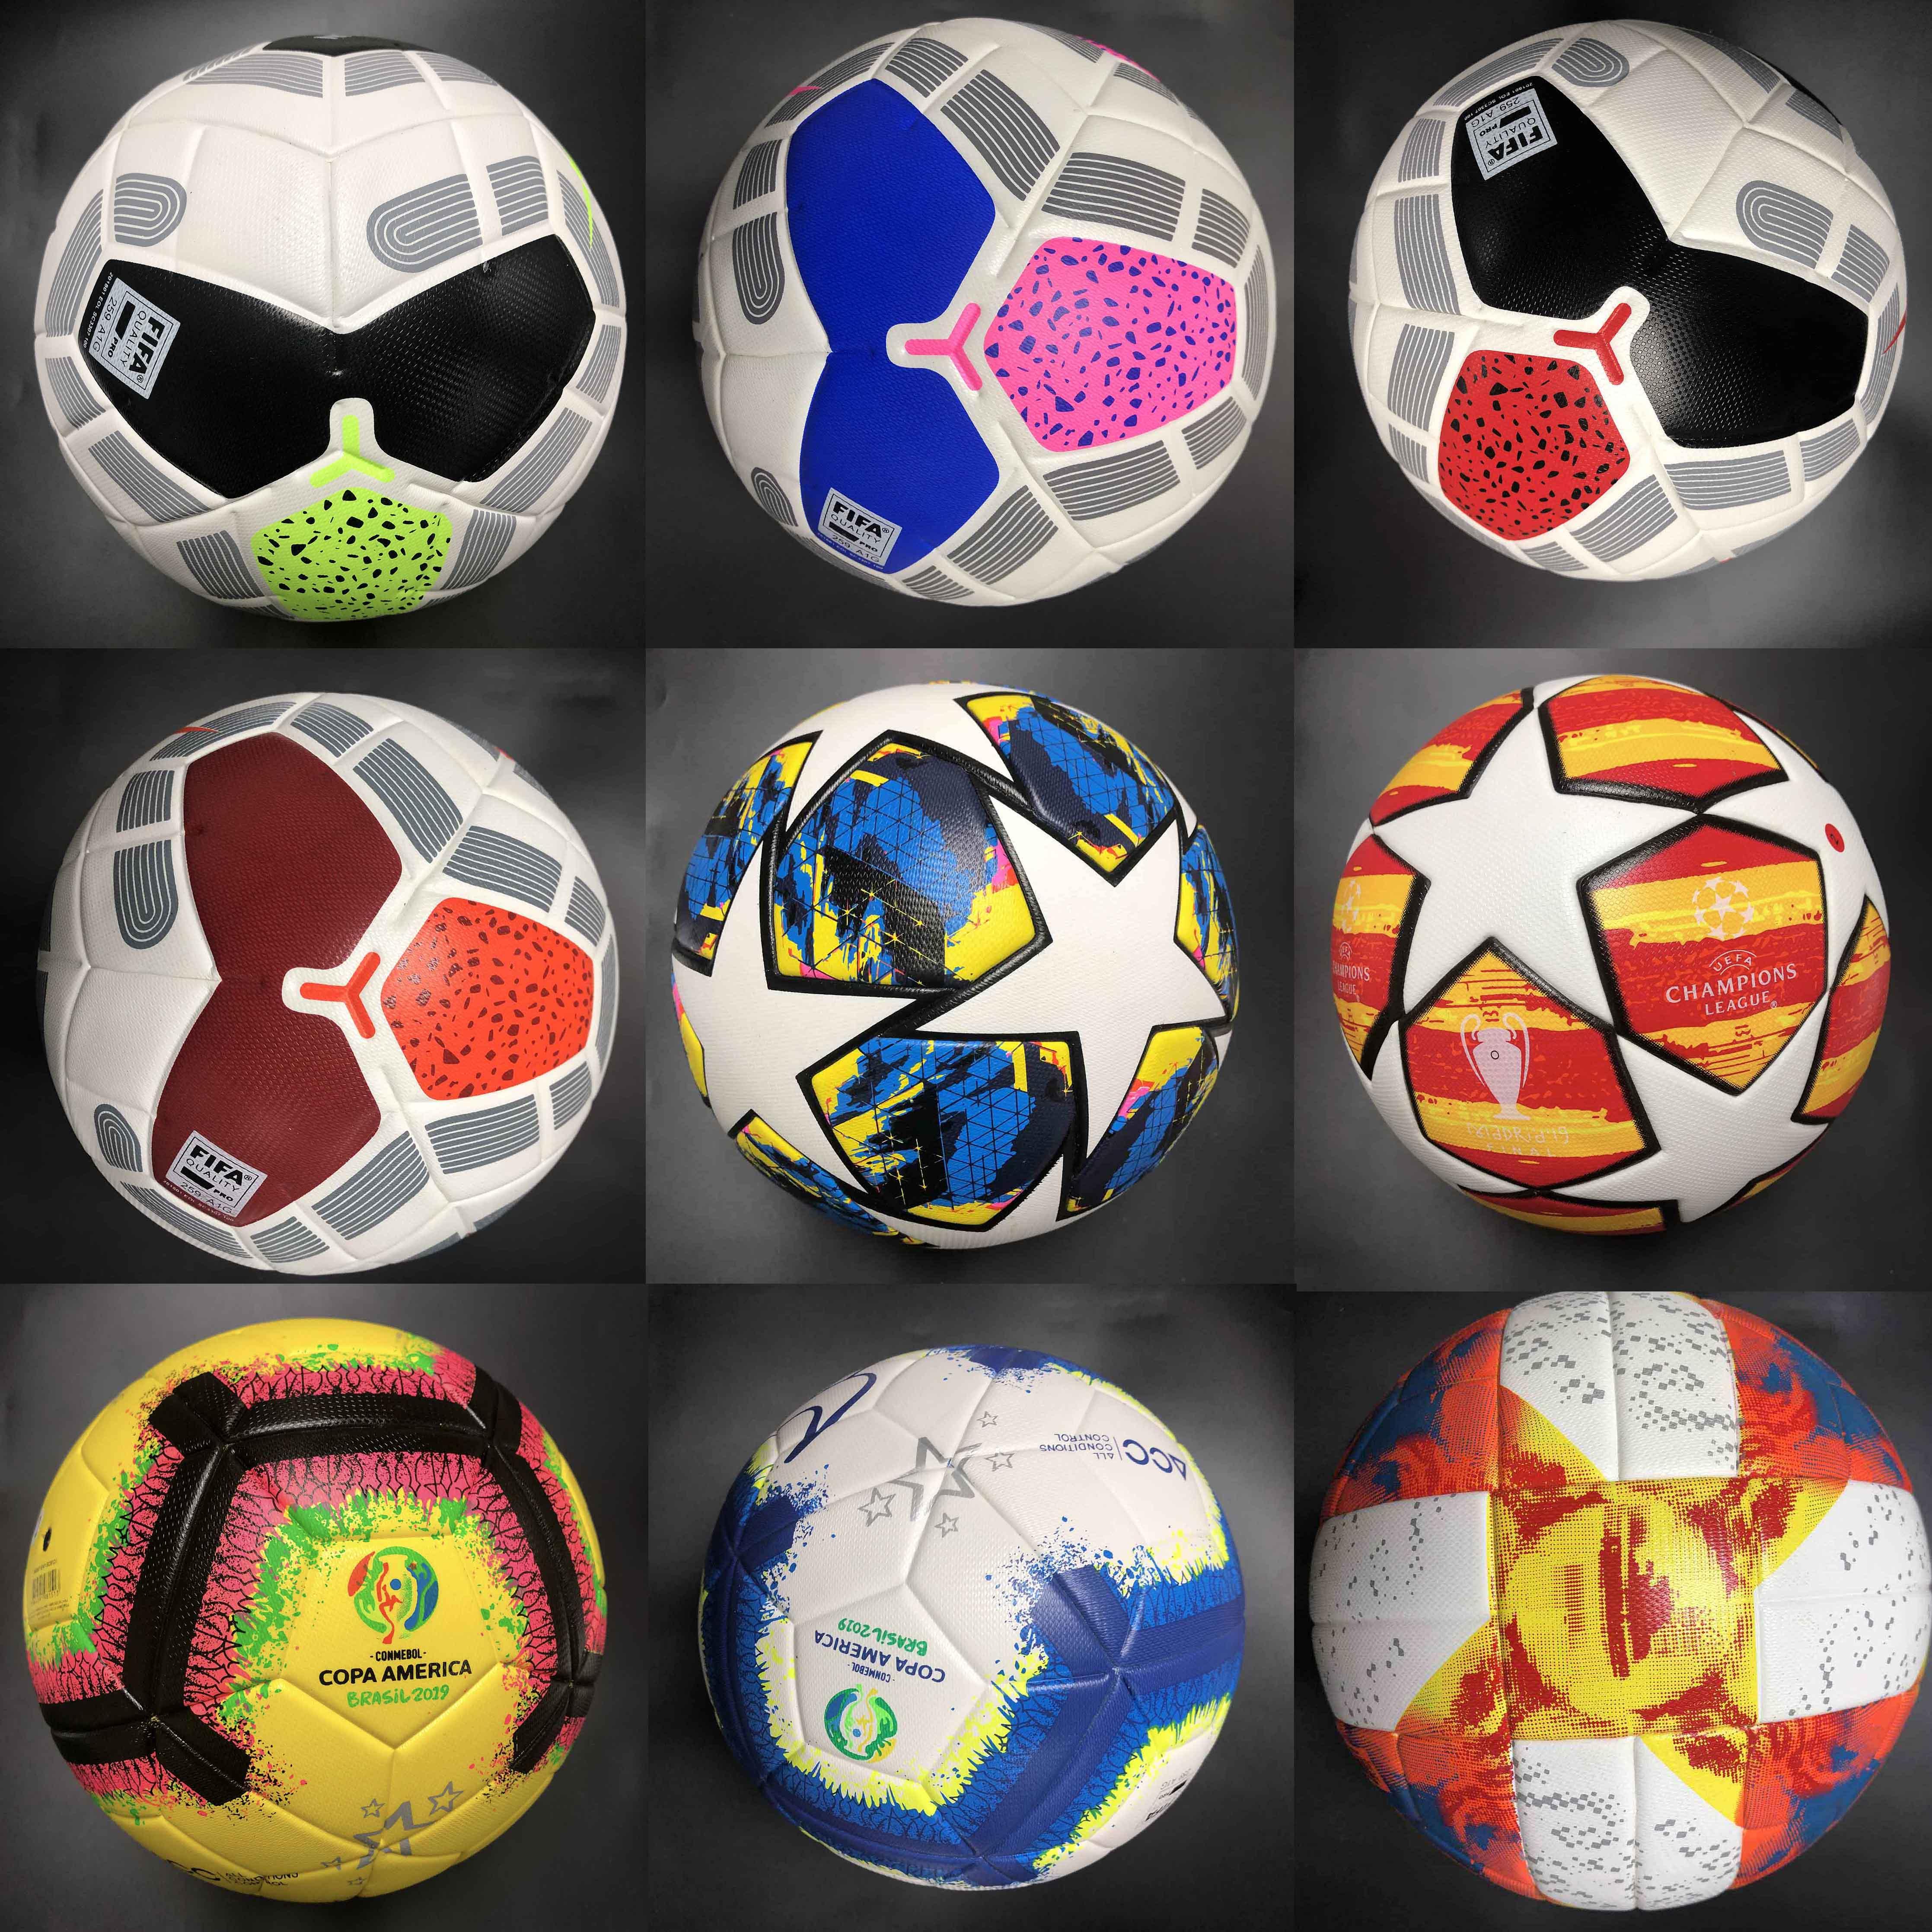 molten match official professional pu pvc argentina size 5 4 soccer football ball